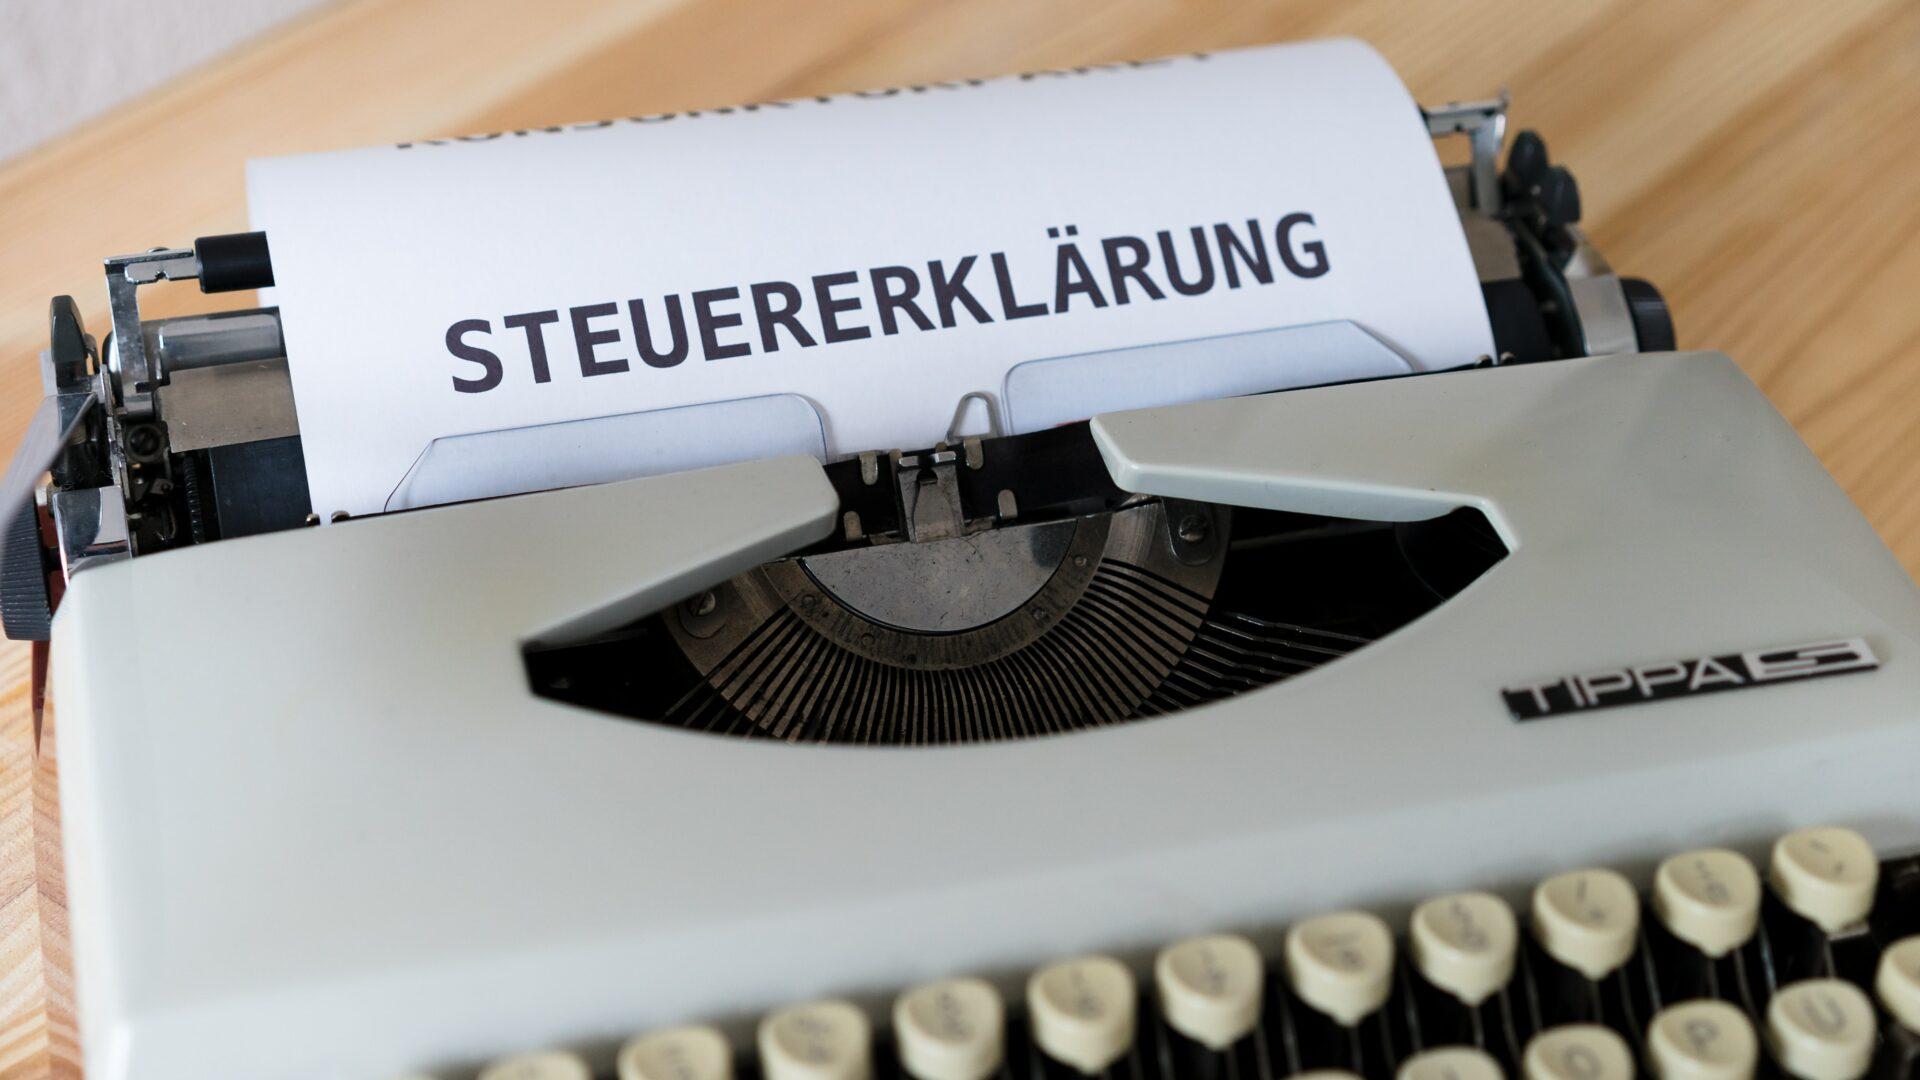 Verein zur Förderung von Technikkultur in Erfurt e.V.